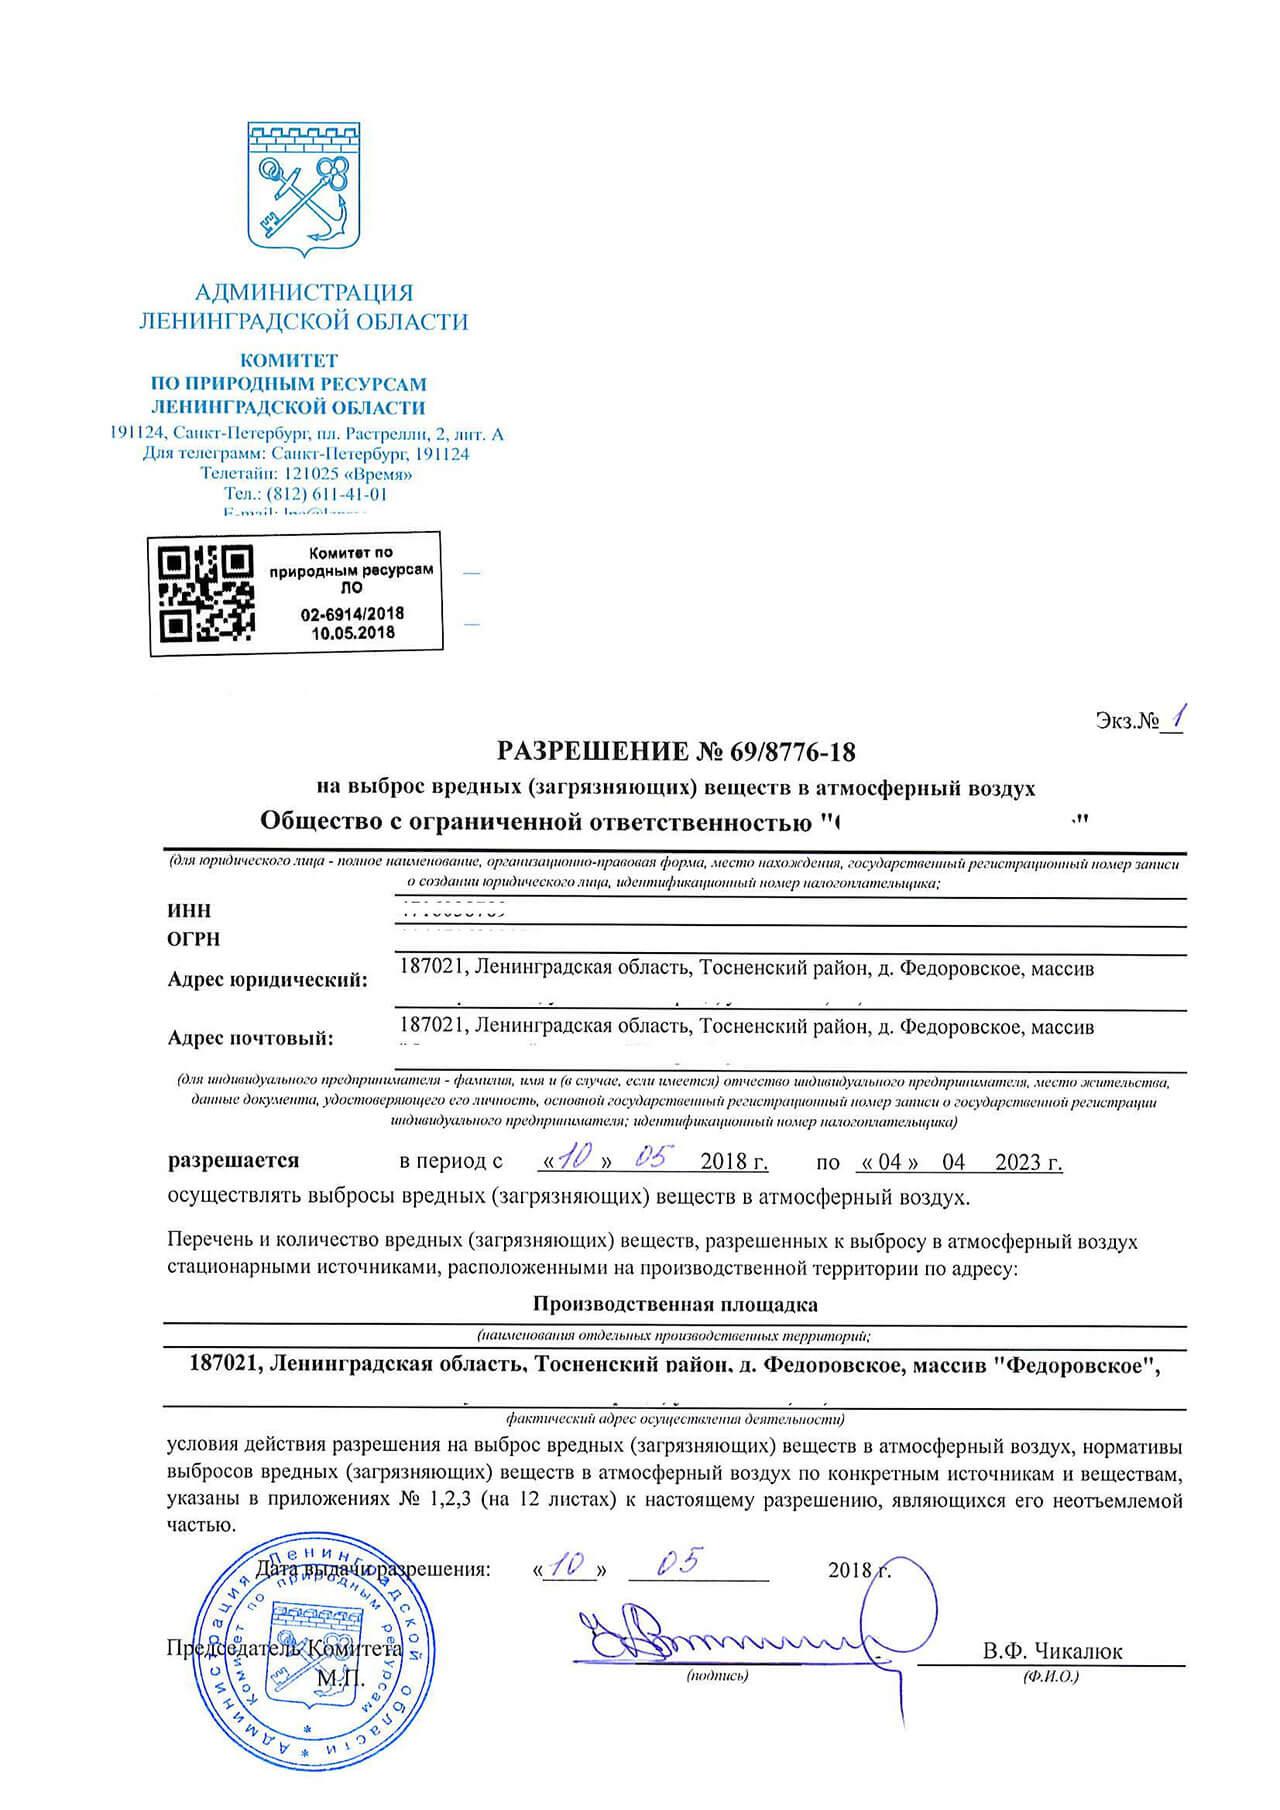 Проект нормативов пдв (проект предельно-допустимых выбросов)